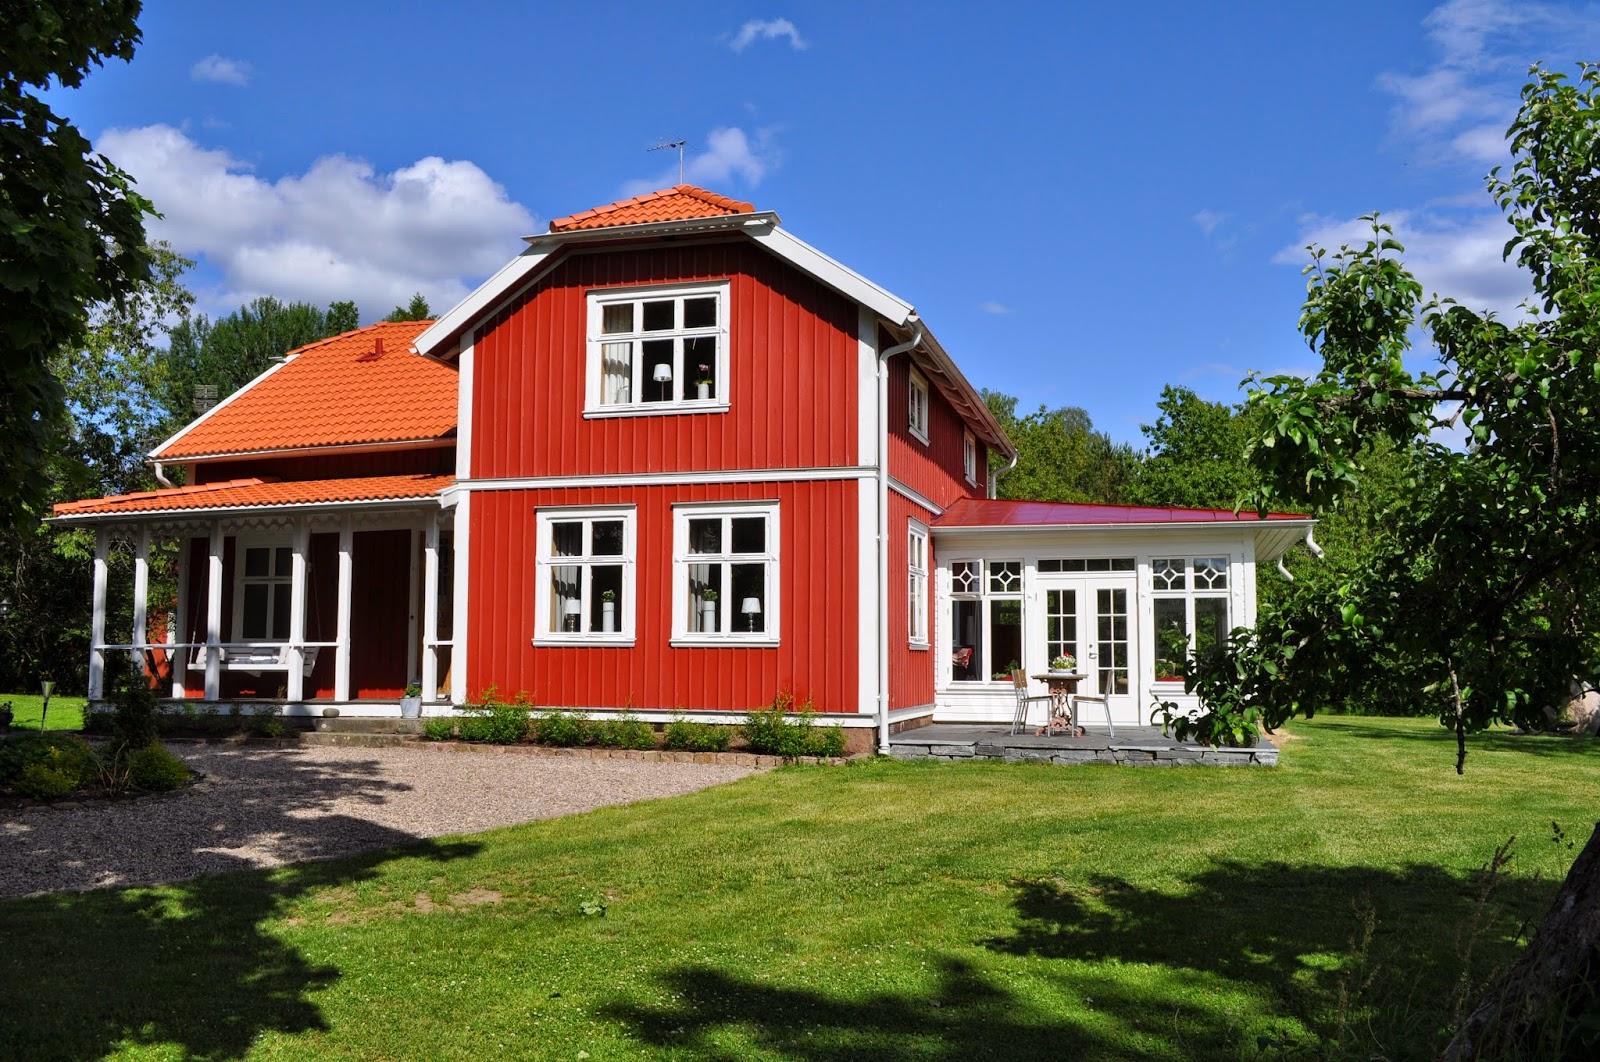 Uffes Bygg: augusti 2014